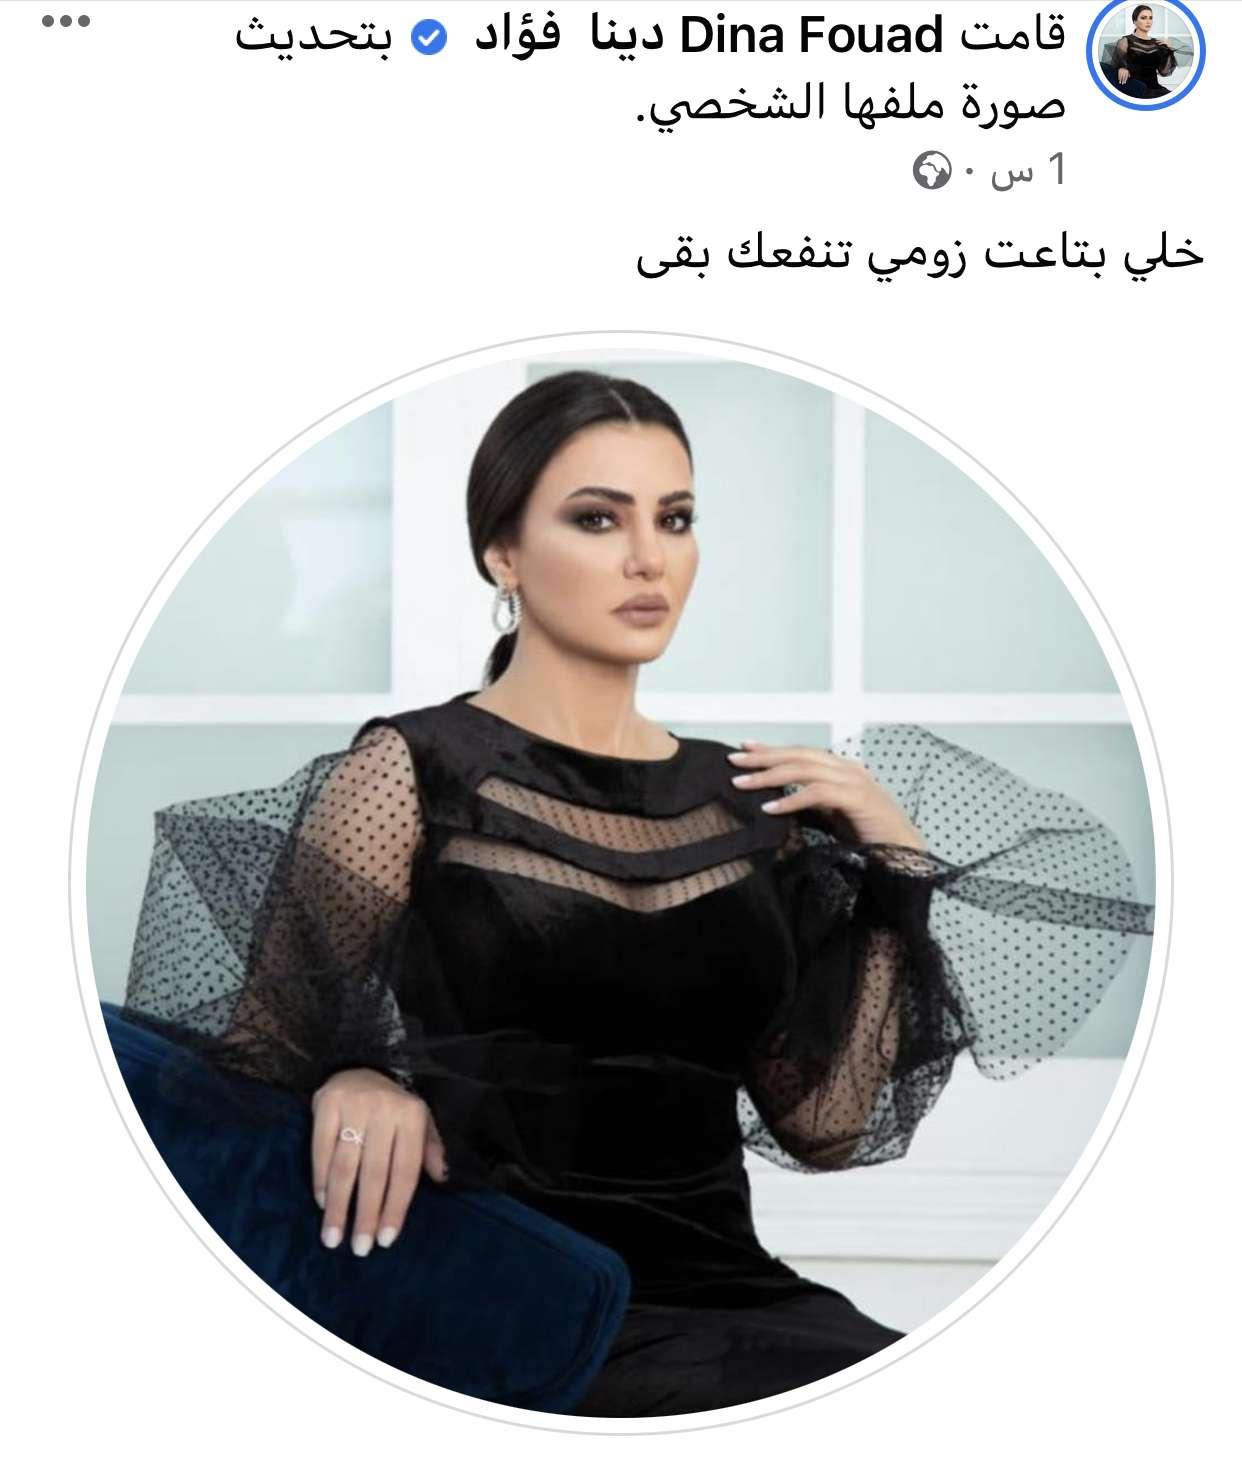 اتفرج: شوف خناقة دينا فؤاد وميرنا نور الدين على فيس بوك